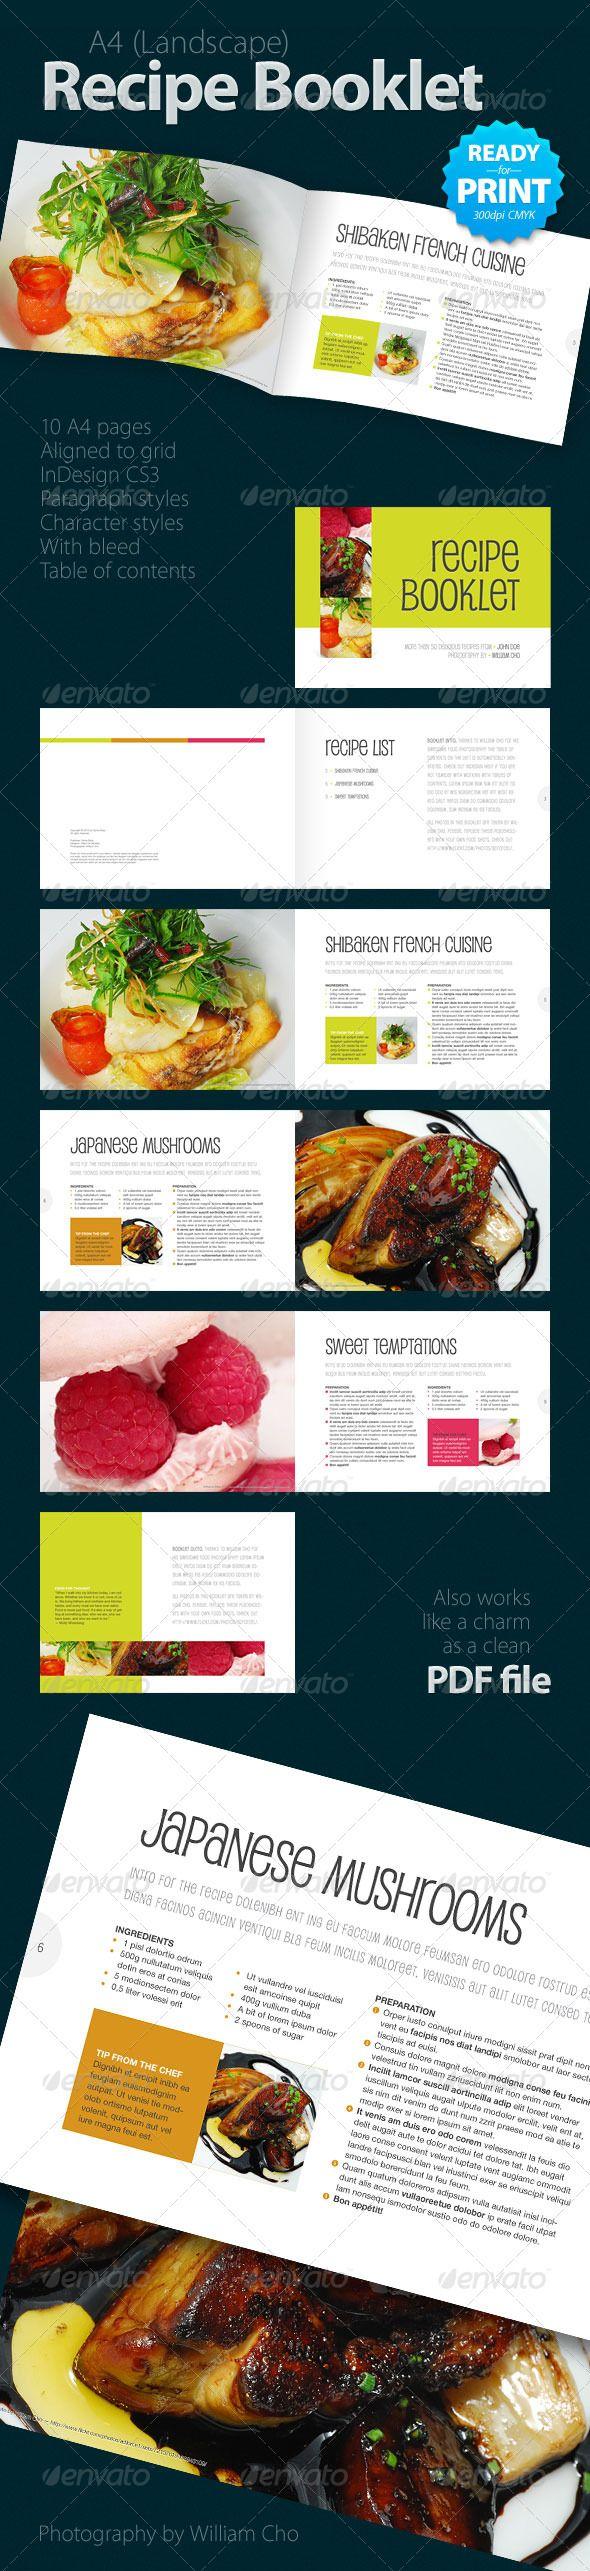 Recipe Booklet (10 pages) | Diseño editorial, Recetario y Editorial